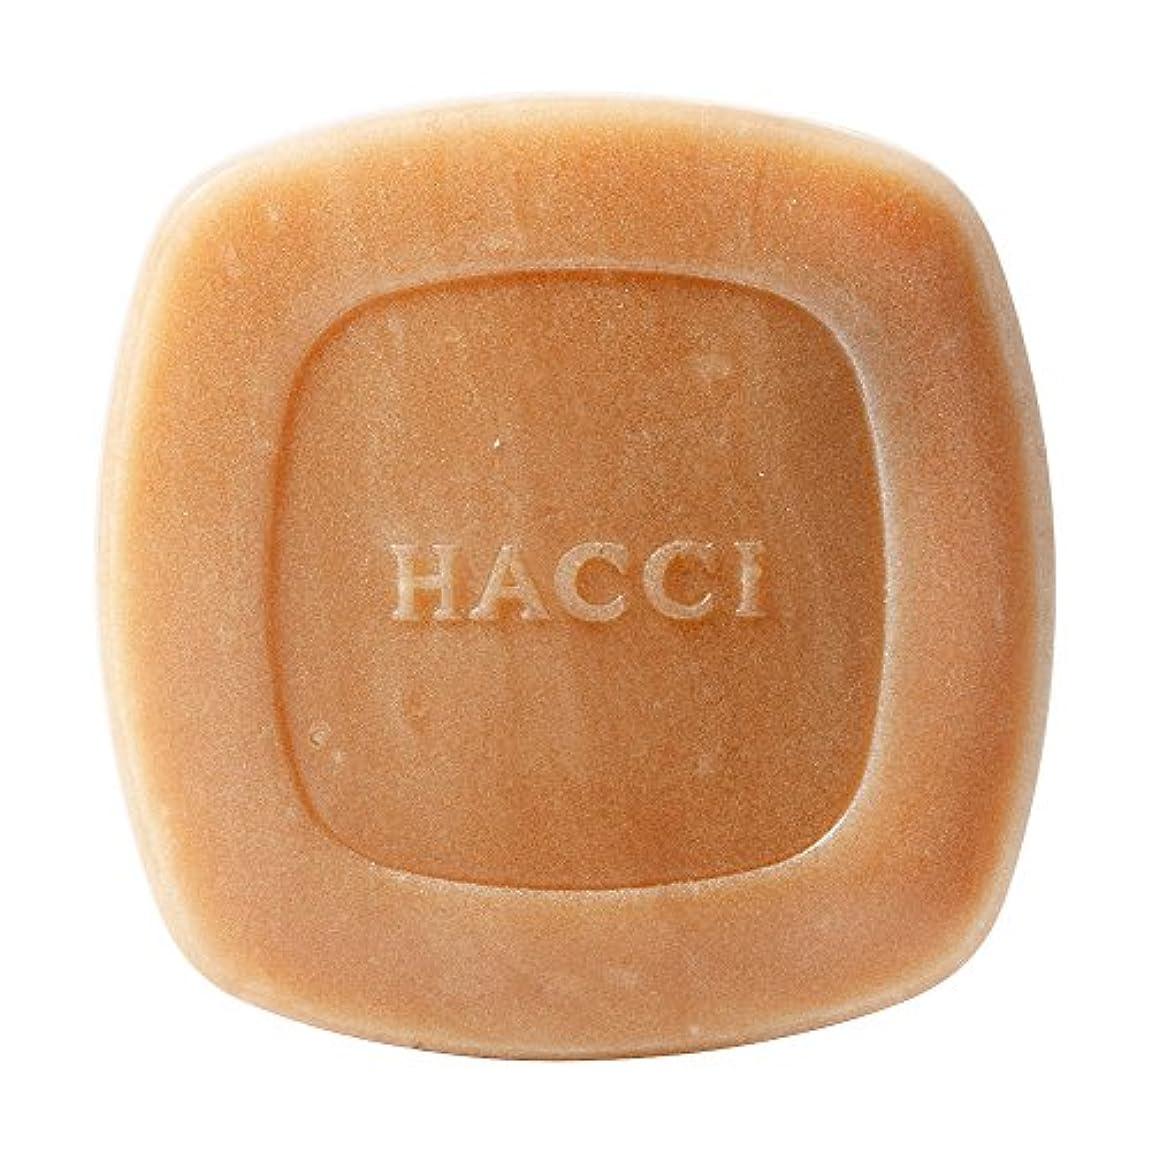 腹部余韻推論HACCI 1912(ハッチ1912) はちみつ洗顔石けん 80g